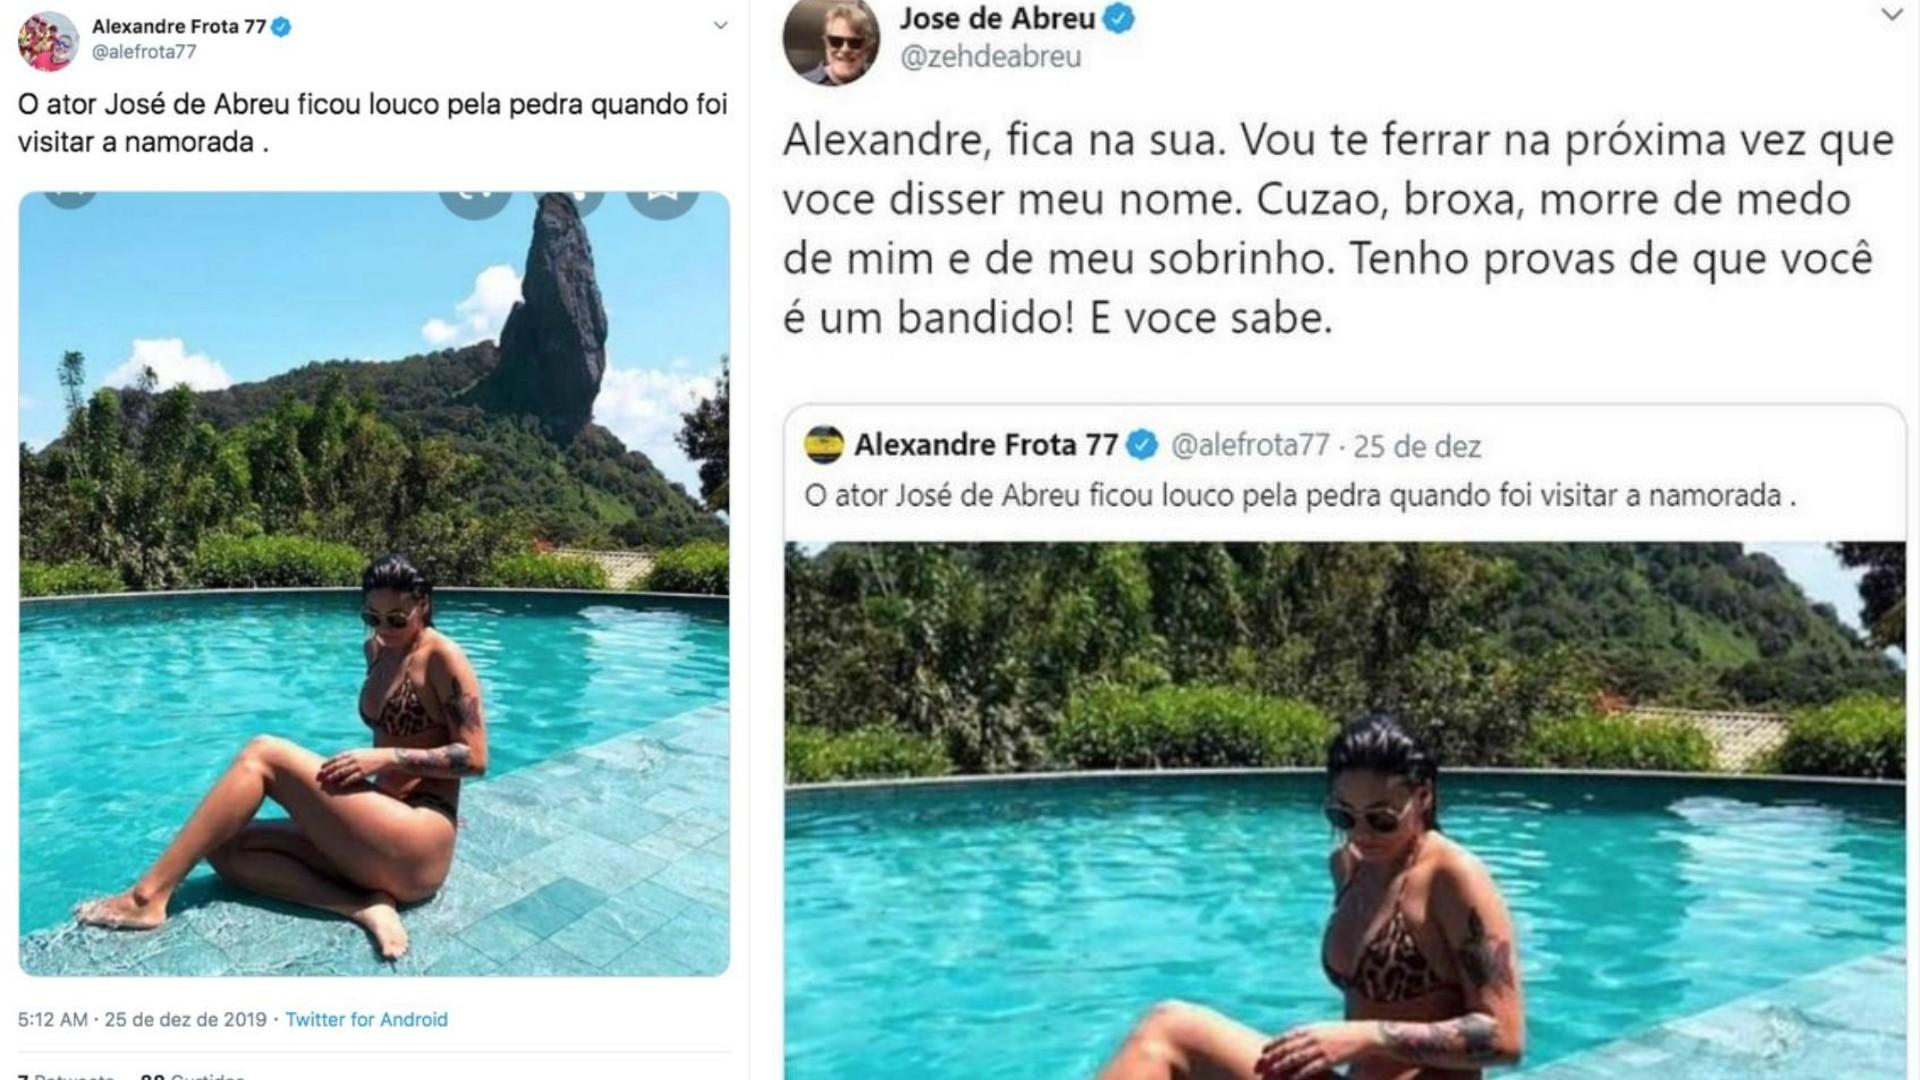 José de Abreu e Alexandre Frota trocaram farpas no Twitter